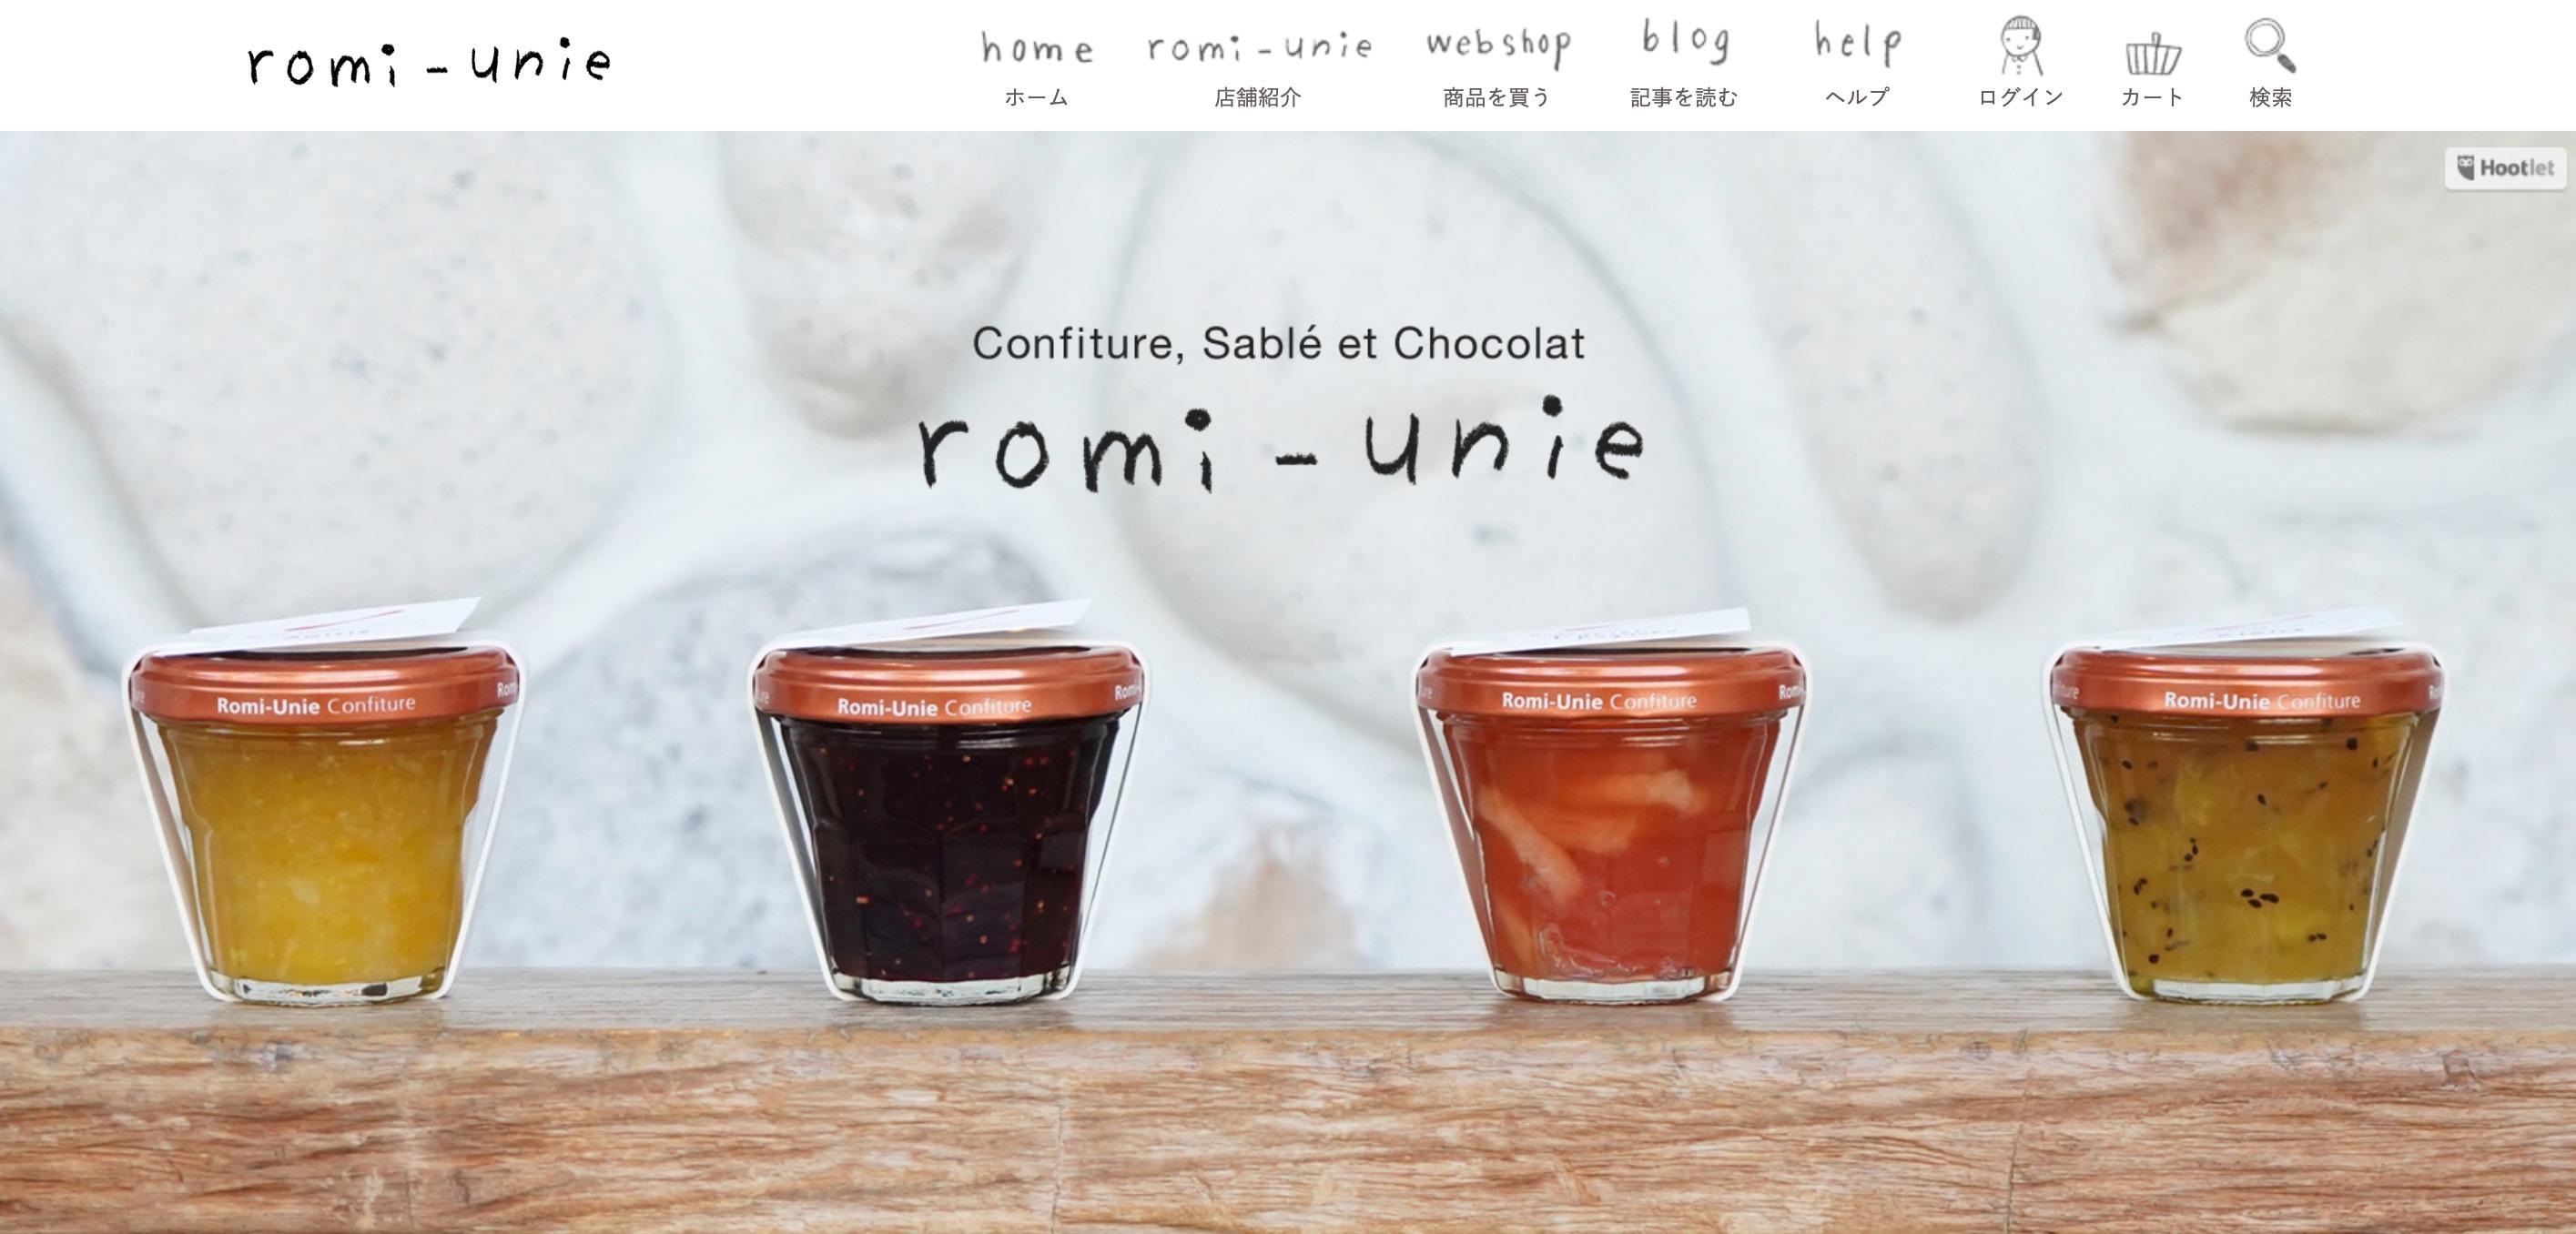 Romi uni